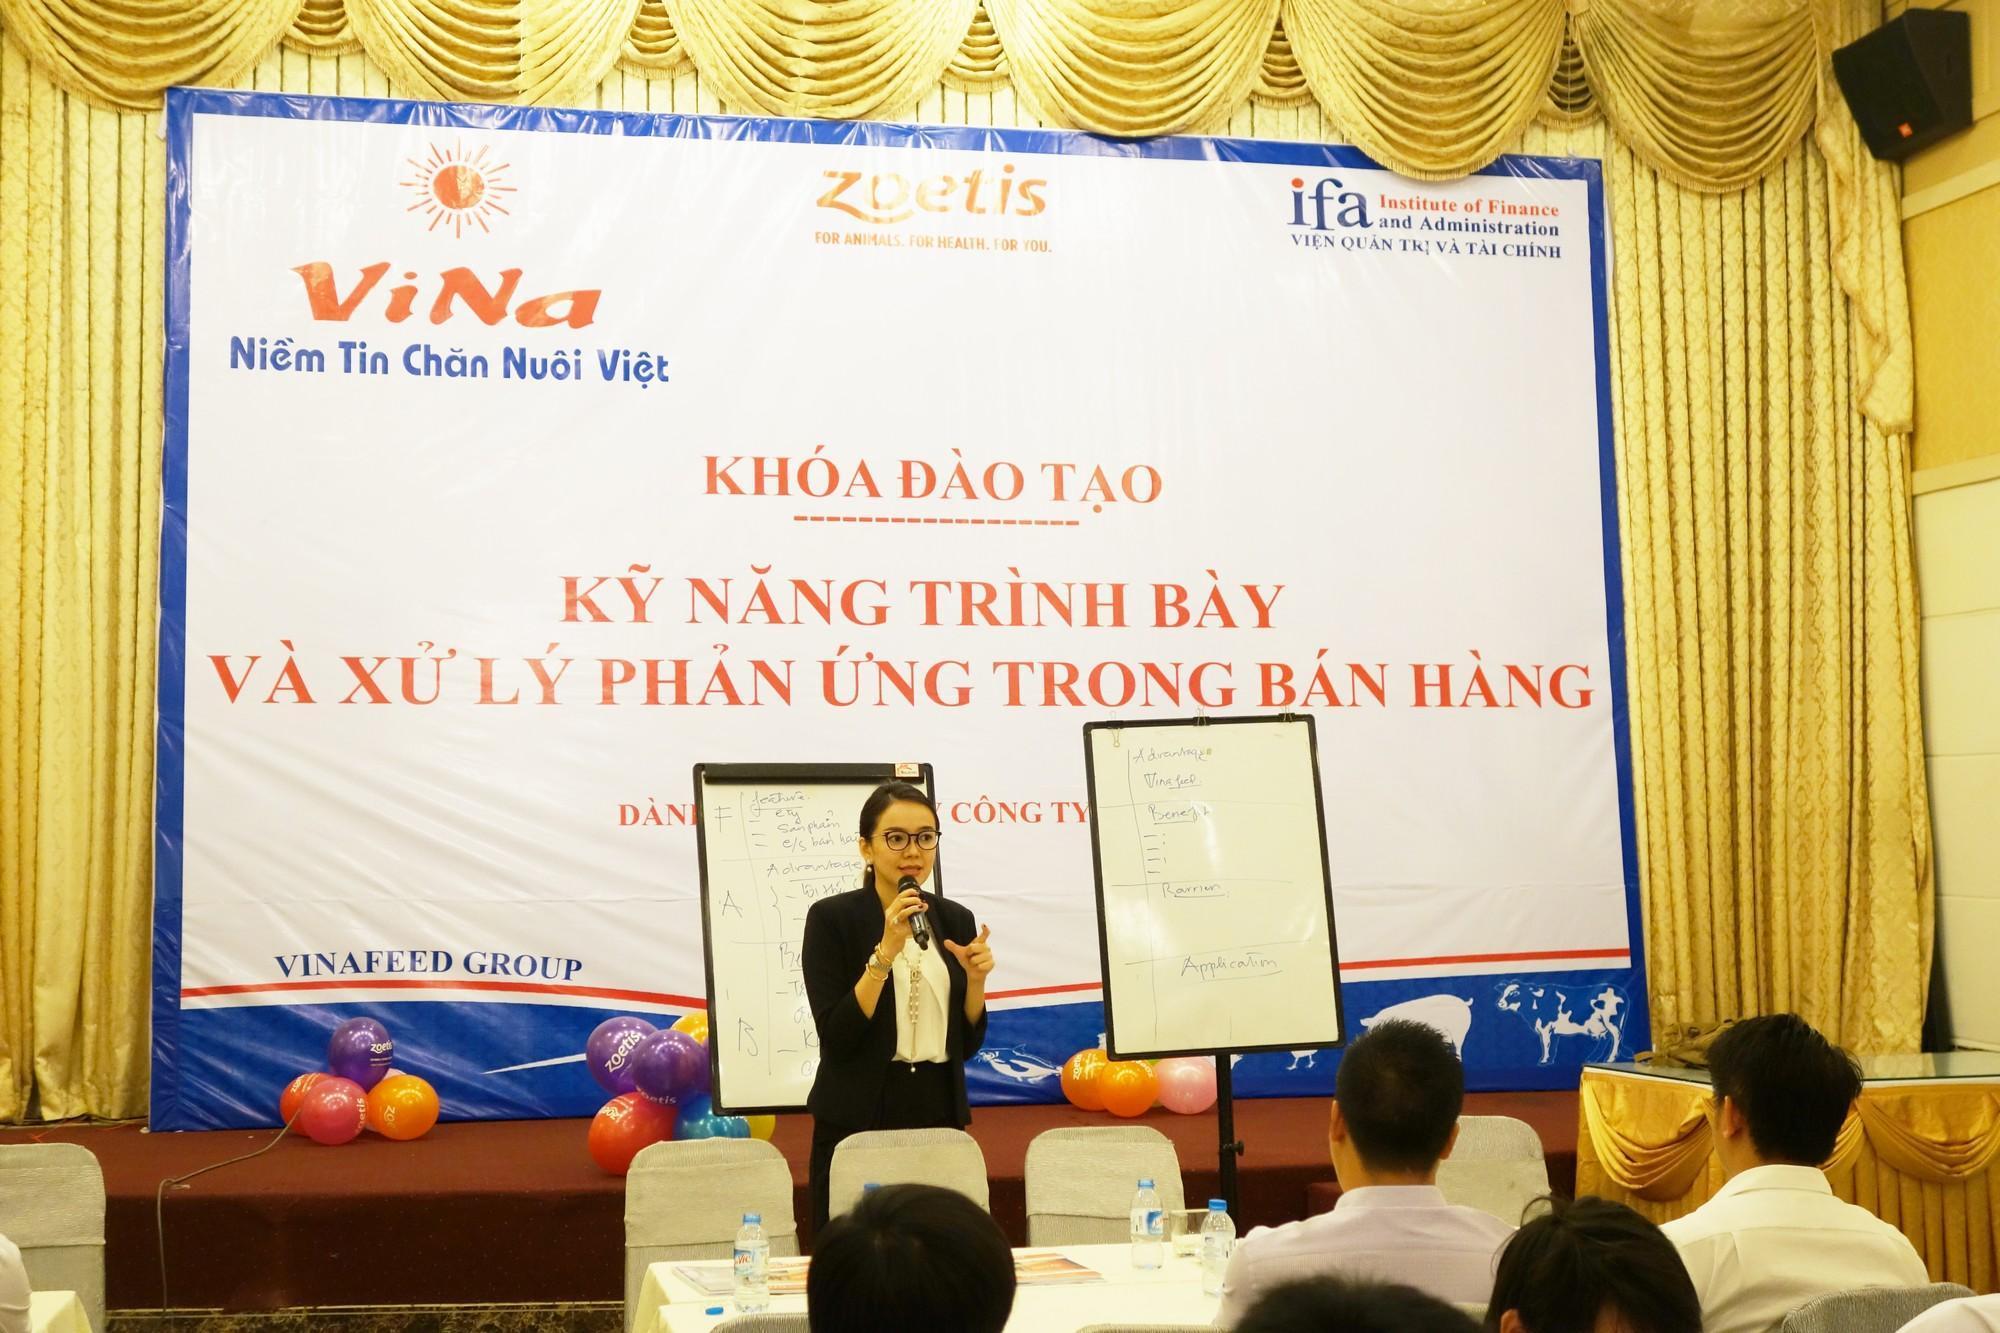 Công ty TNHH ViNa tổ chức thành công khóa tập huấn cho nhân viên bán hàng